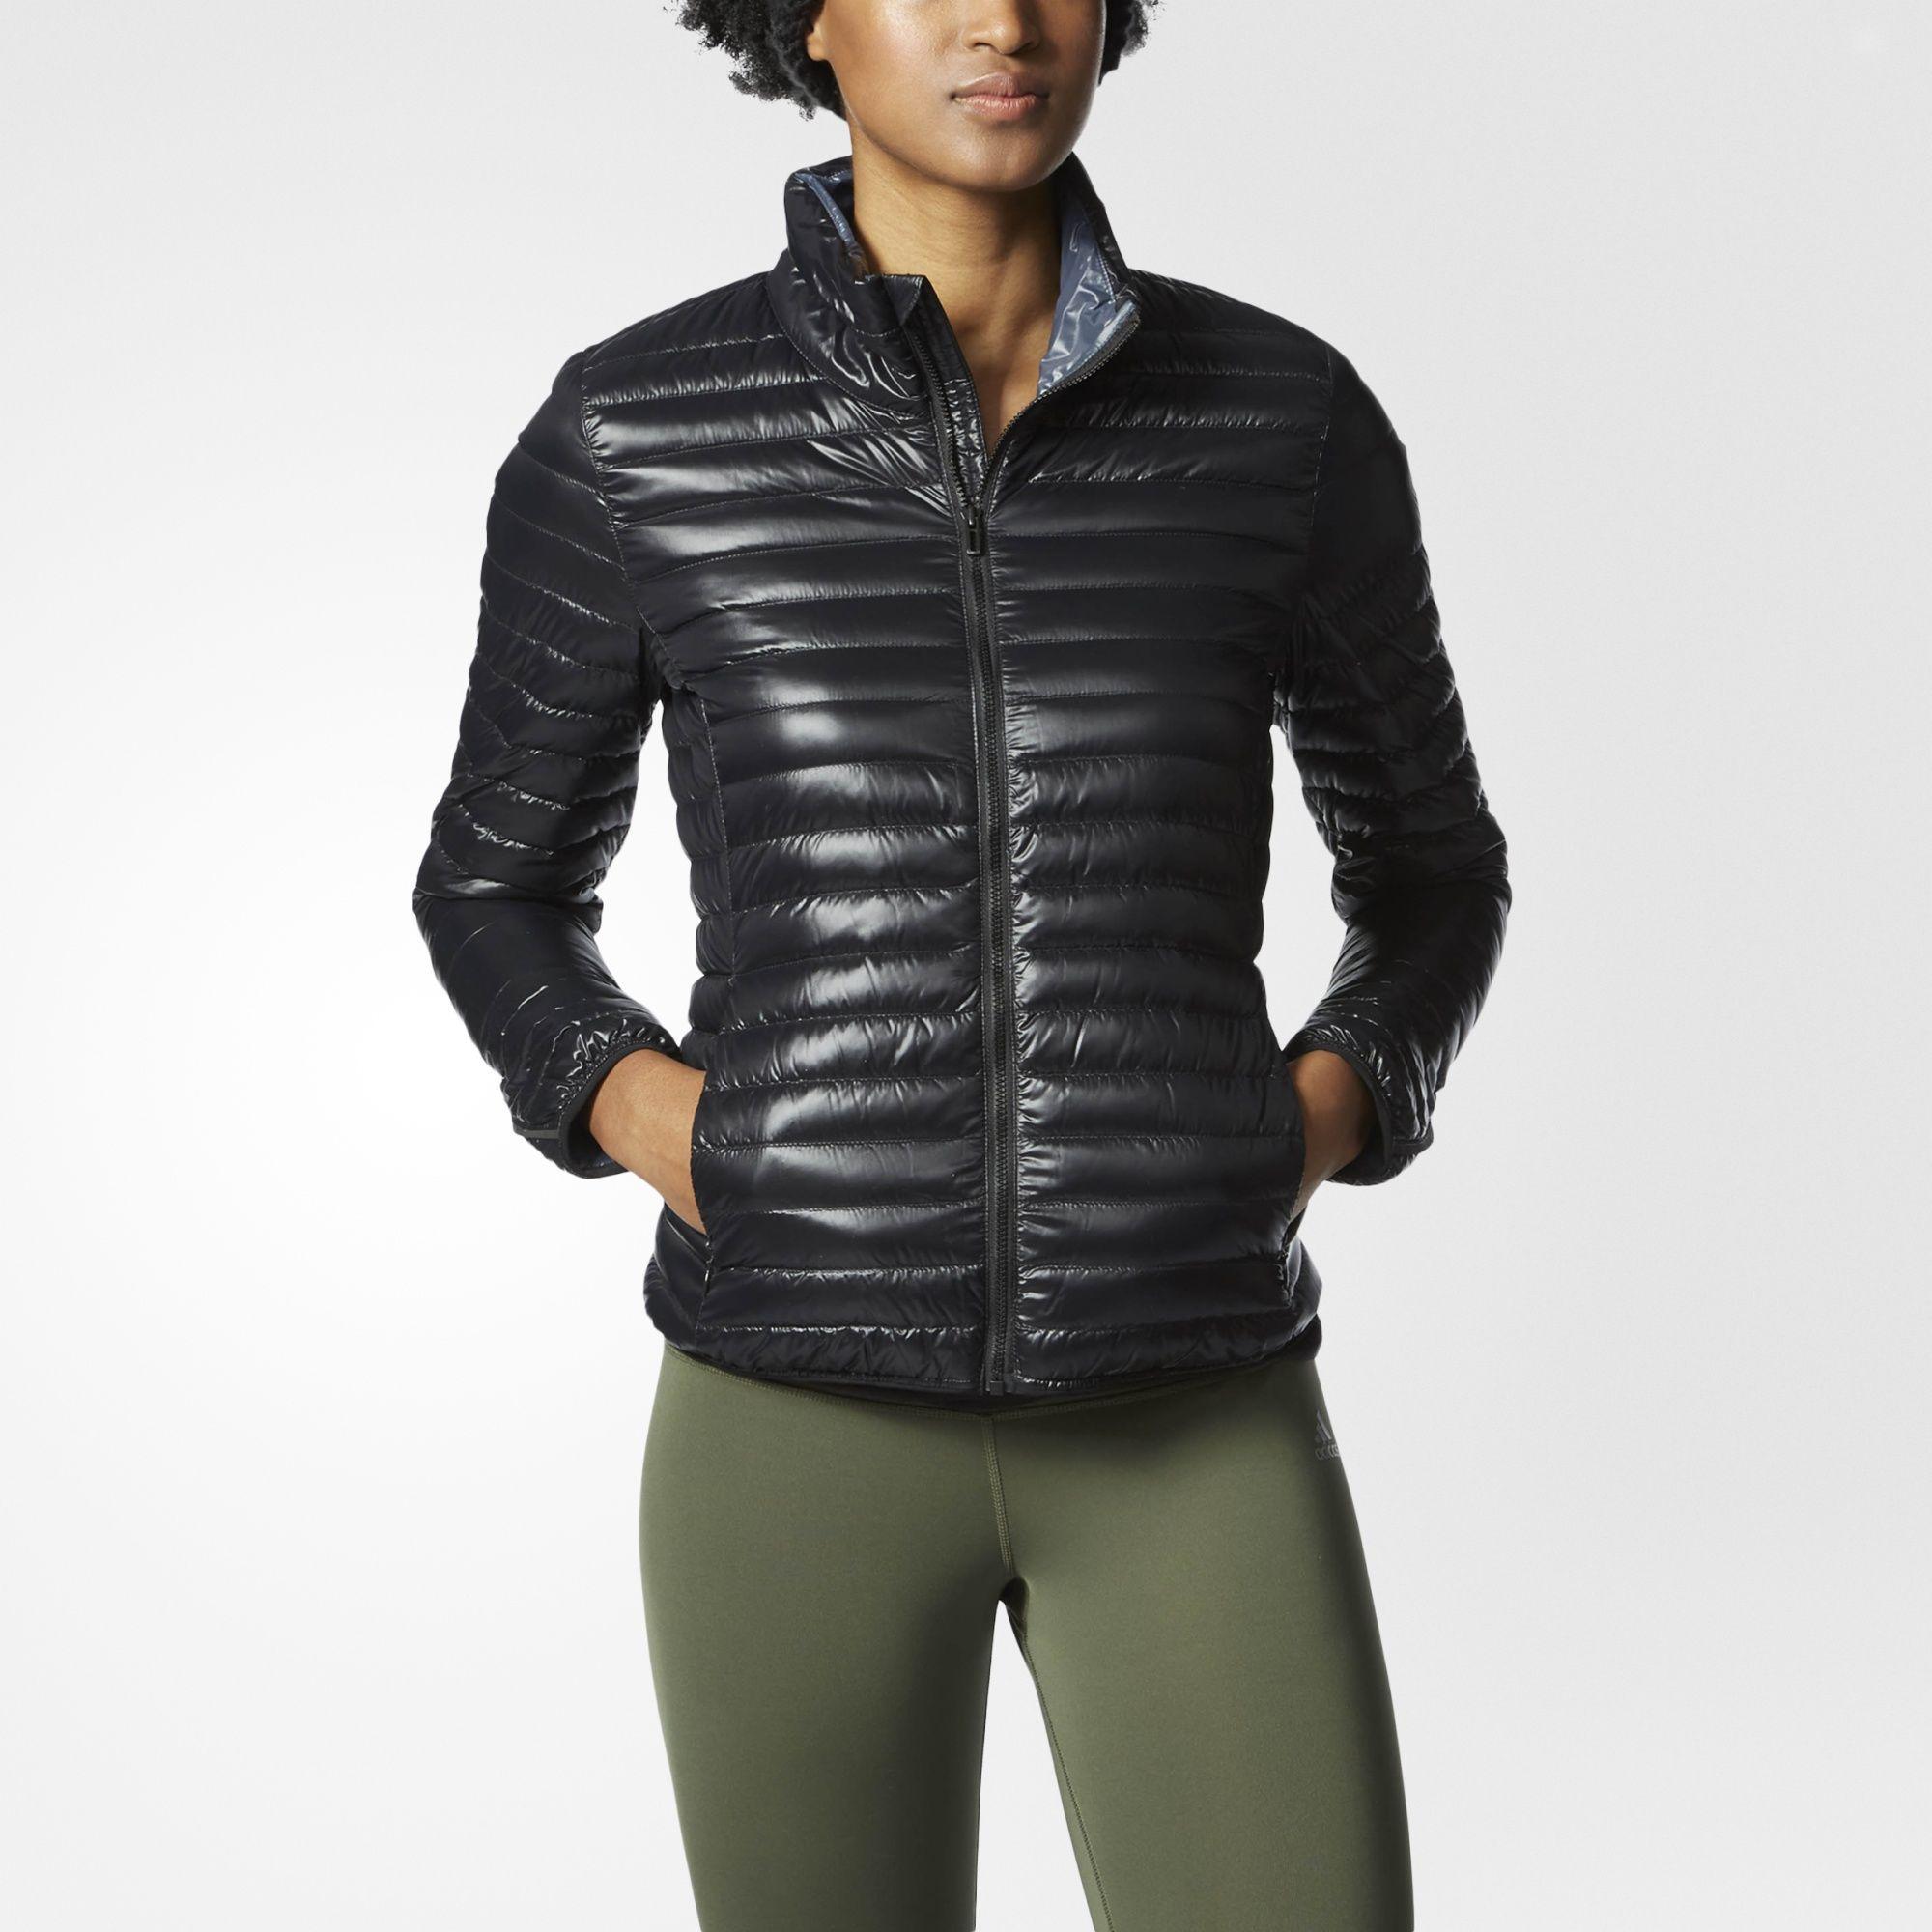 3b422a52 Куртка SL DOWN adidas Athletics | Женская одежда | Куртка, Одежда ...